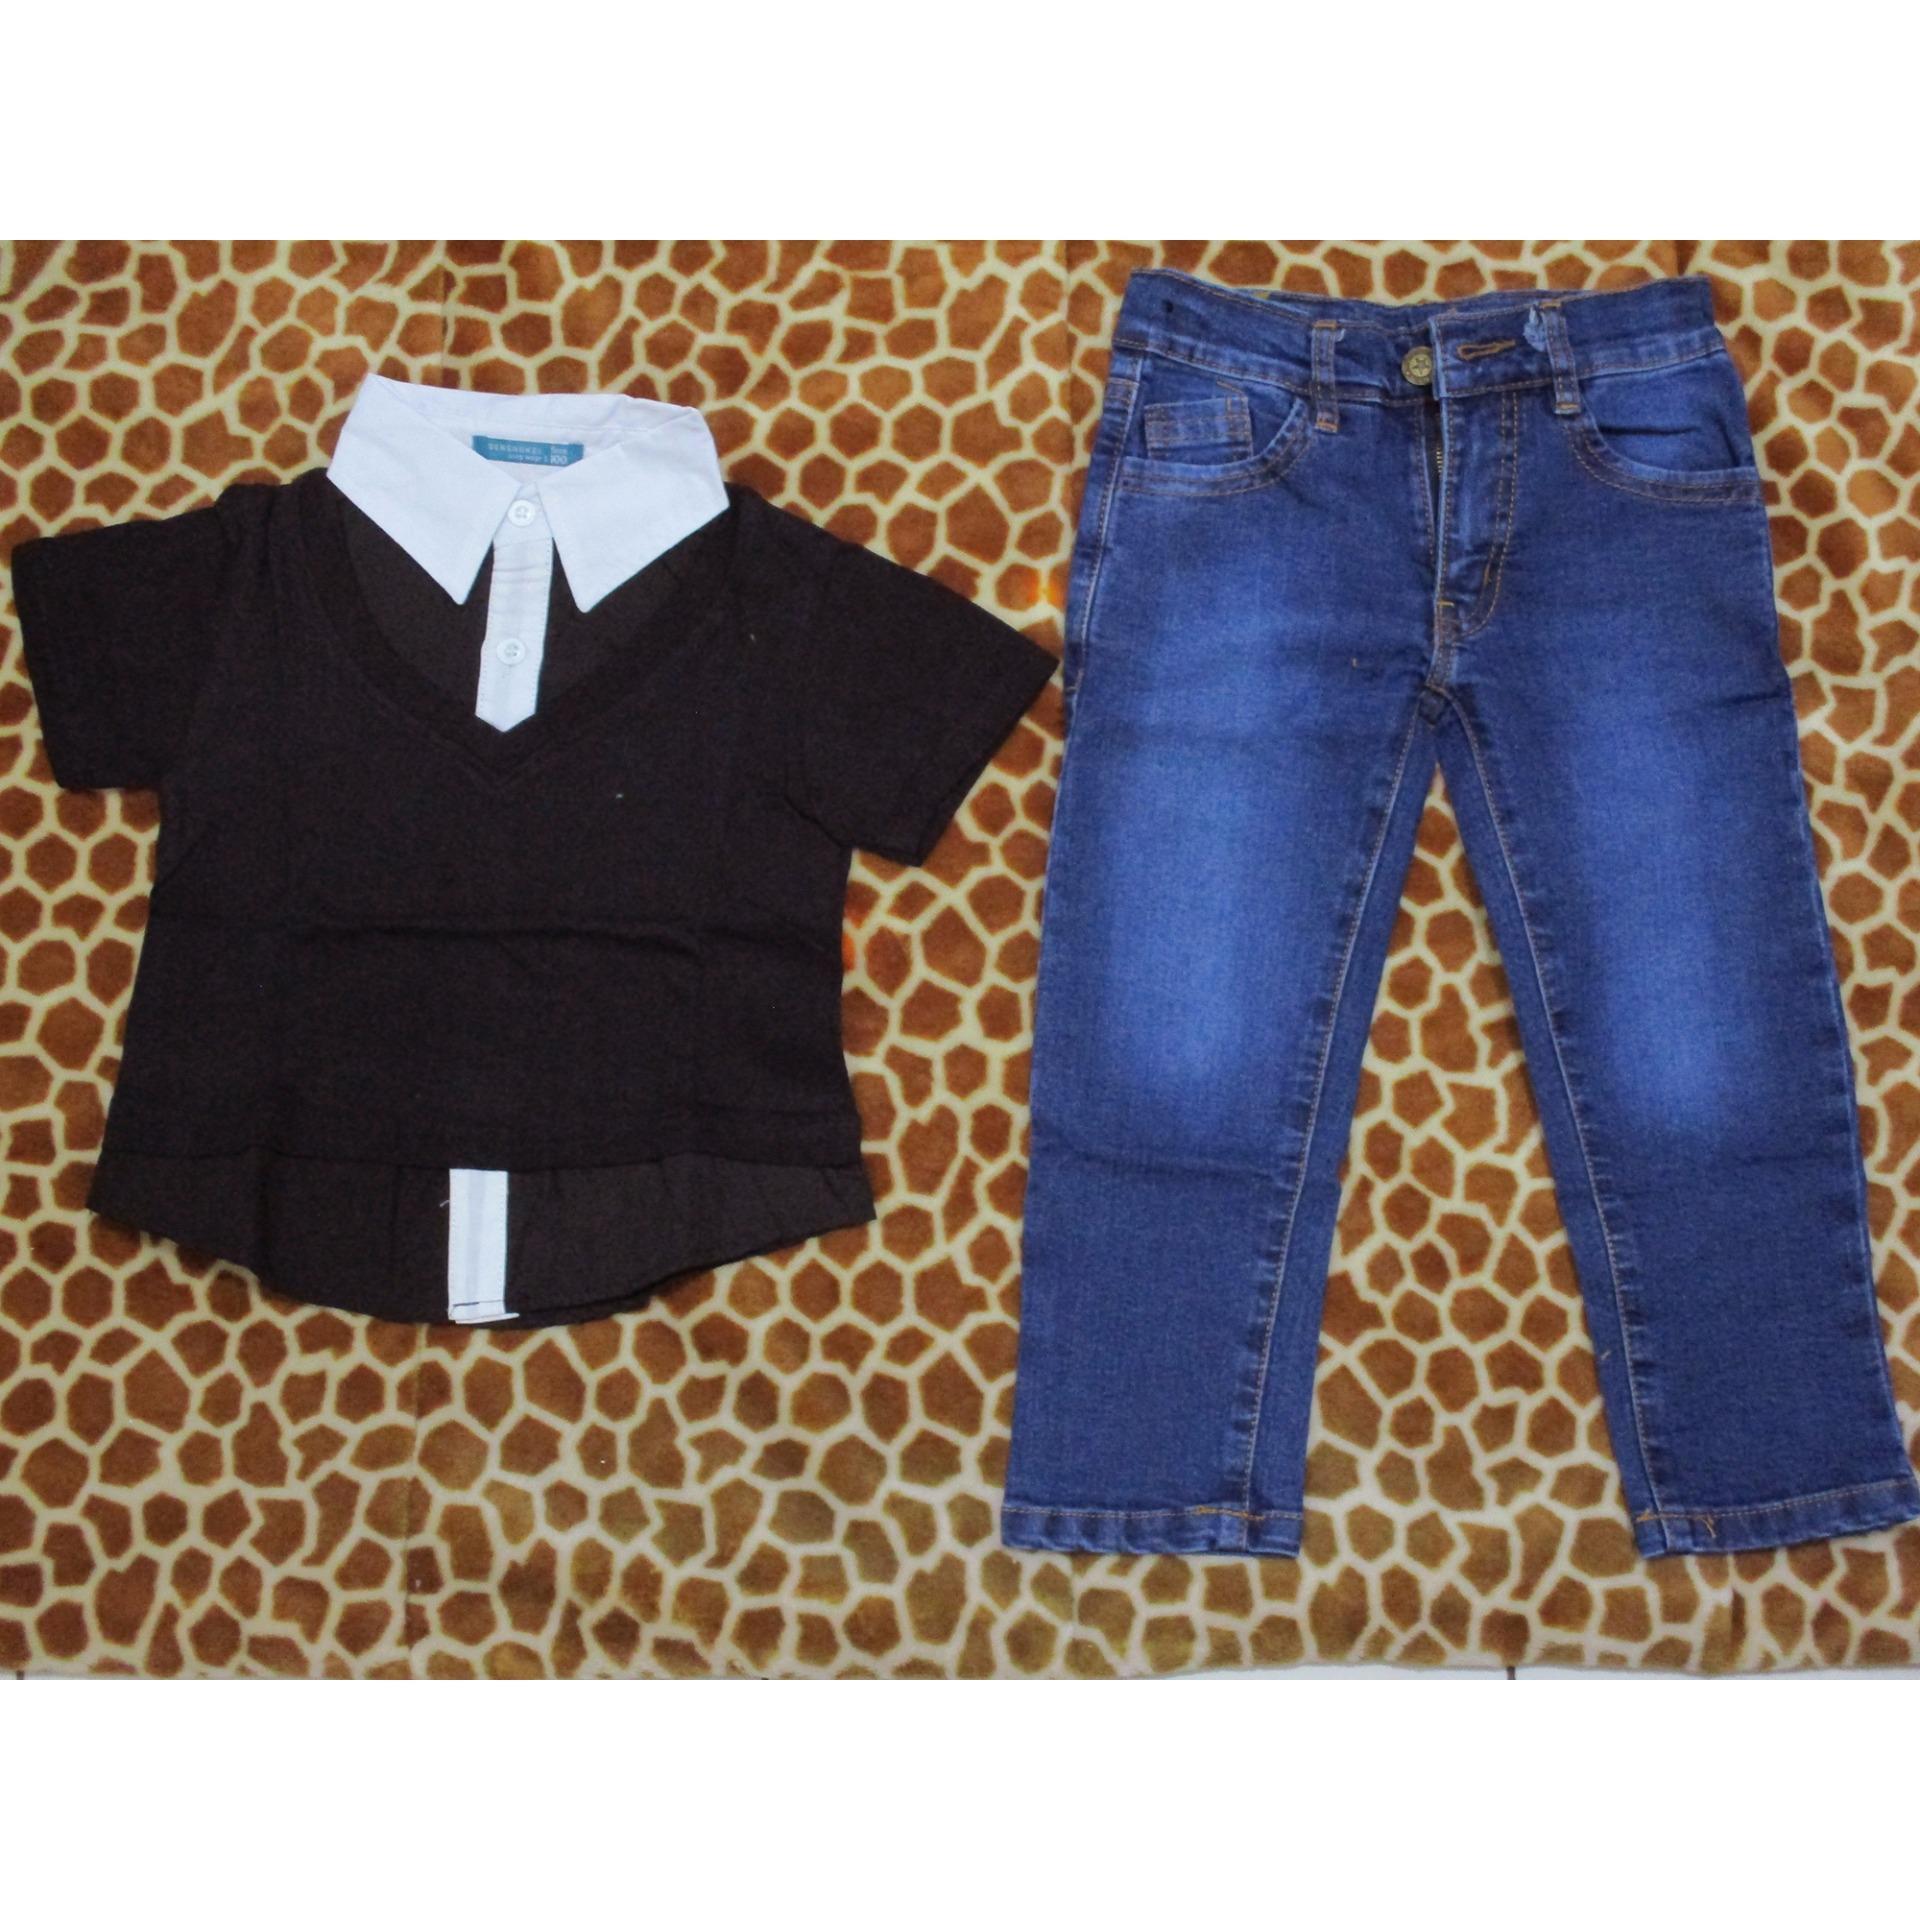 Harga Saya Senshukei Setelan 3 In 1 Kaos Blazer Celana Jeans Biru Baju Anak Laki Model Dan Cocok Untuk Lebaran